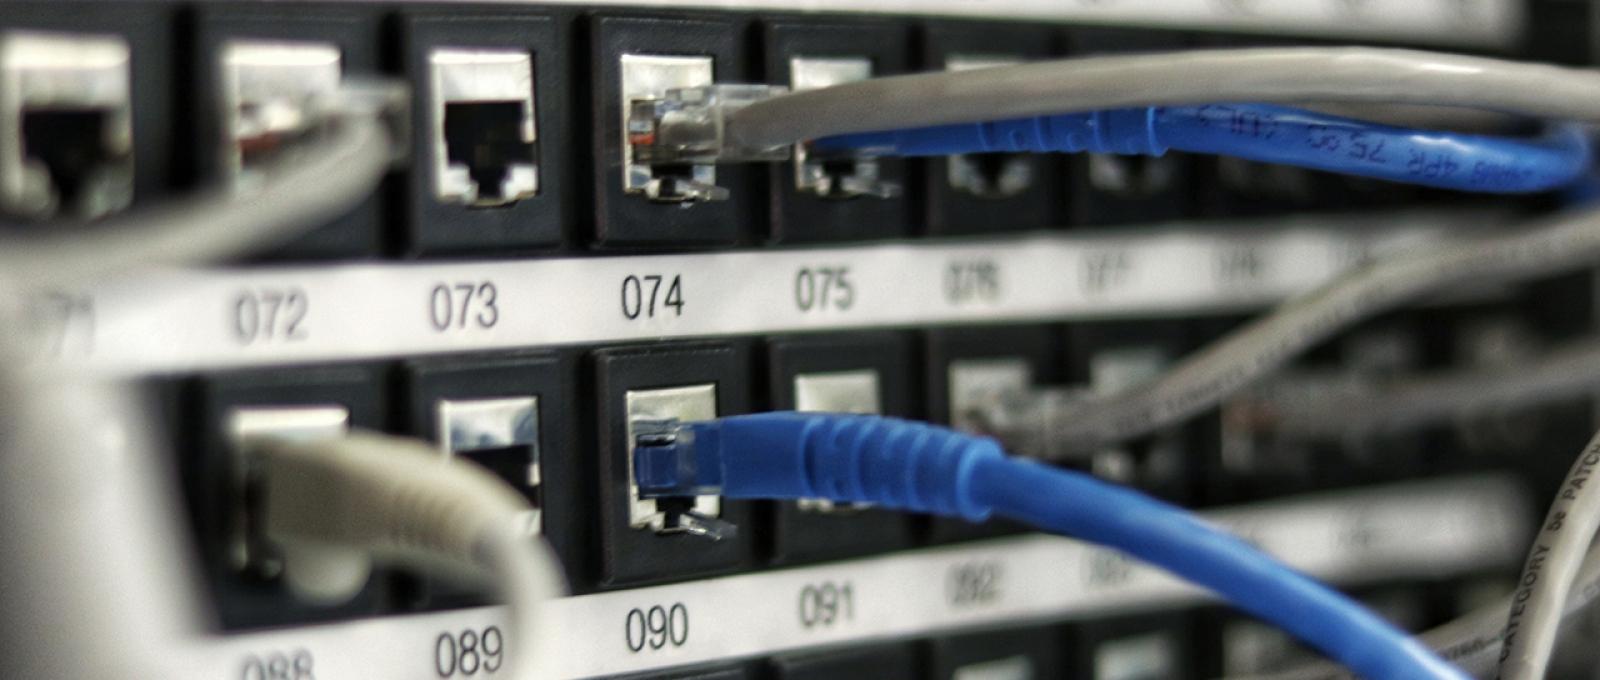 Réseau et Data center